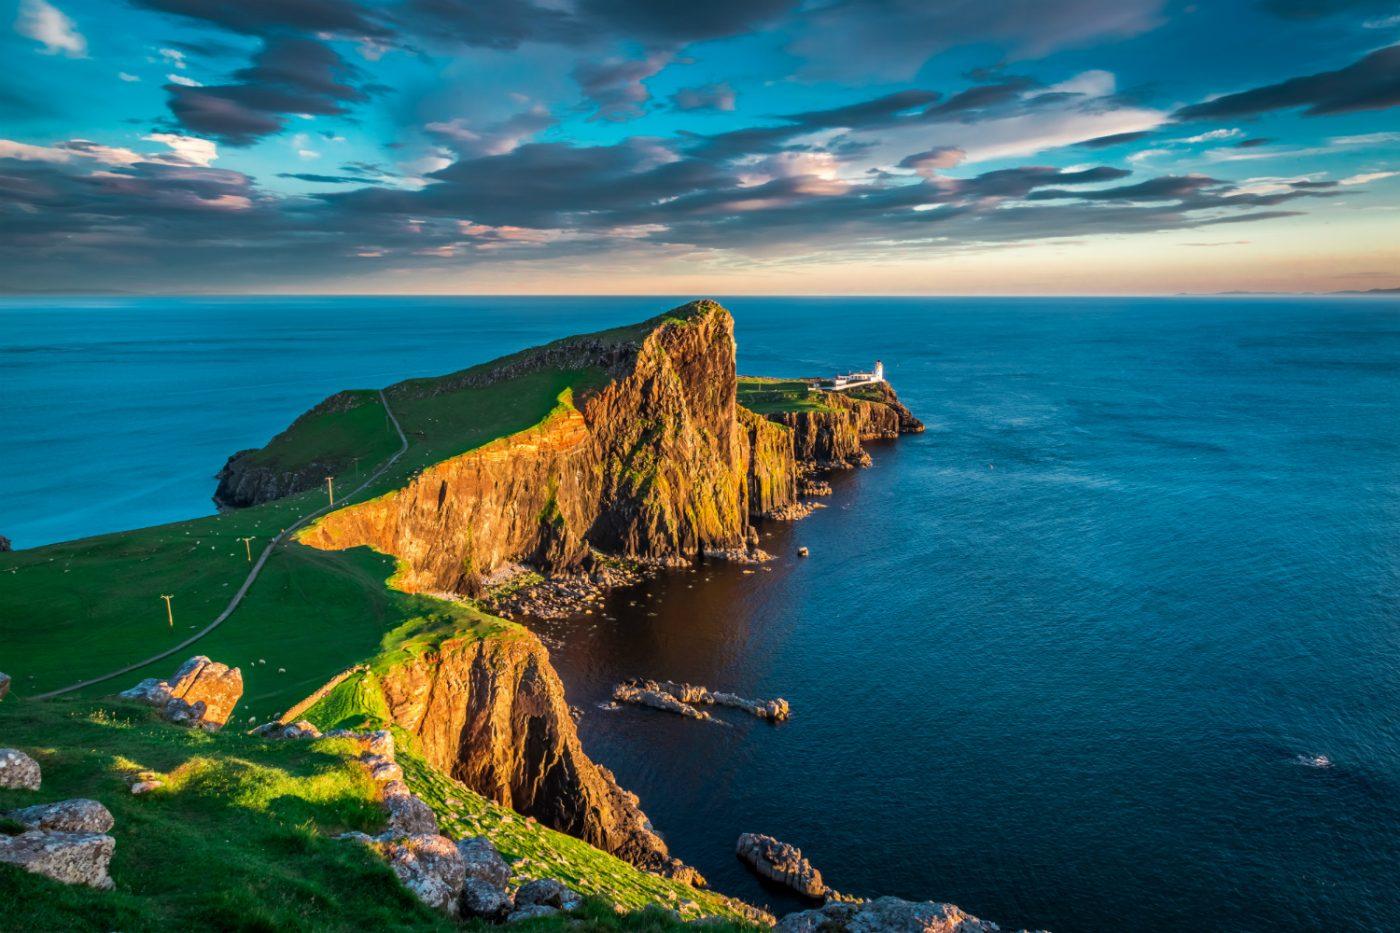 Landschaftspanorama der schottischen Highlands bei Sonnenuntergang.